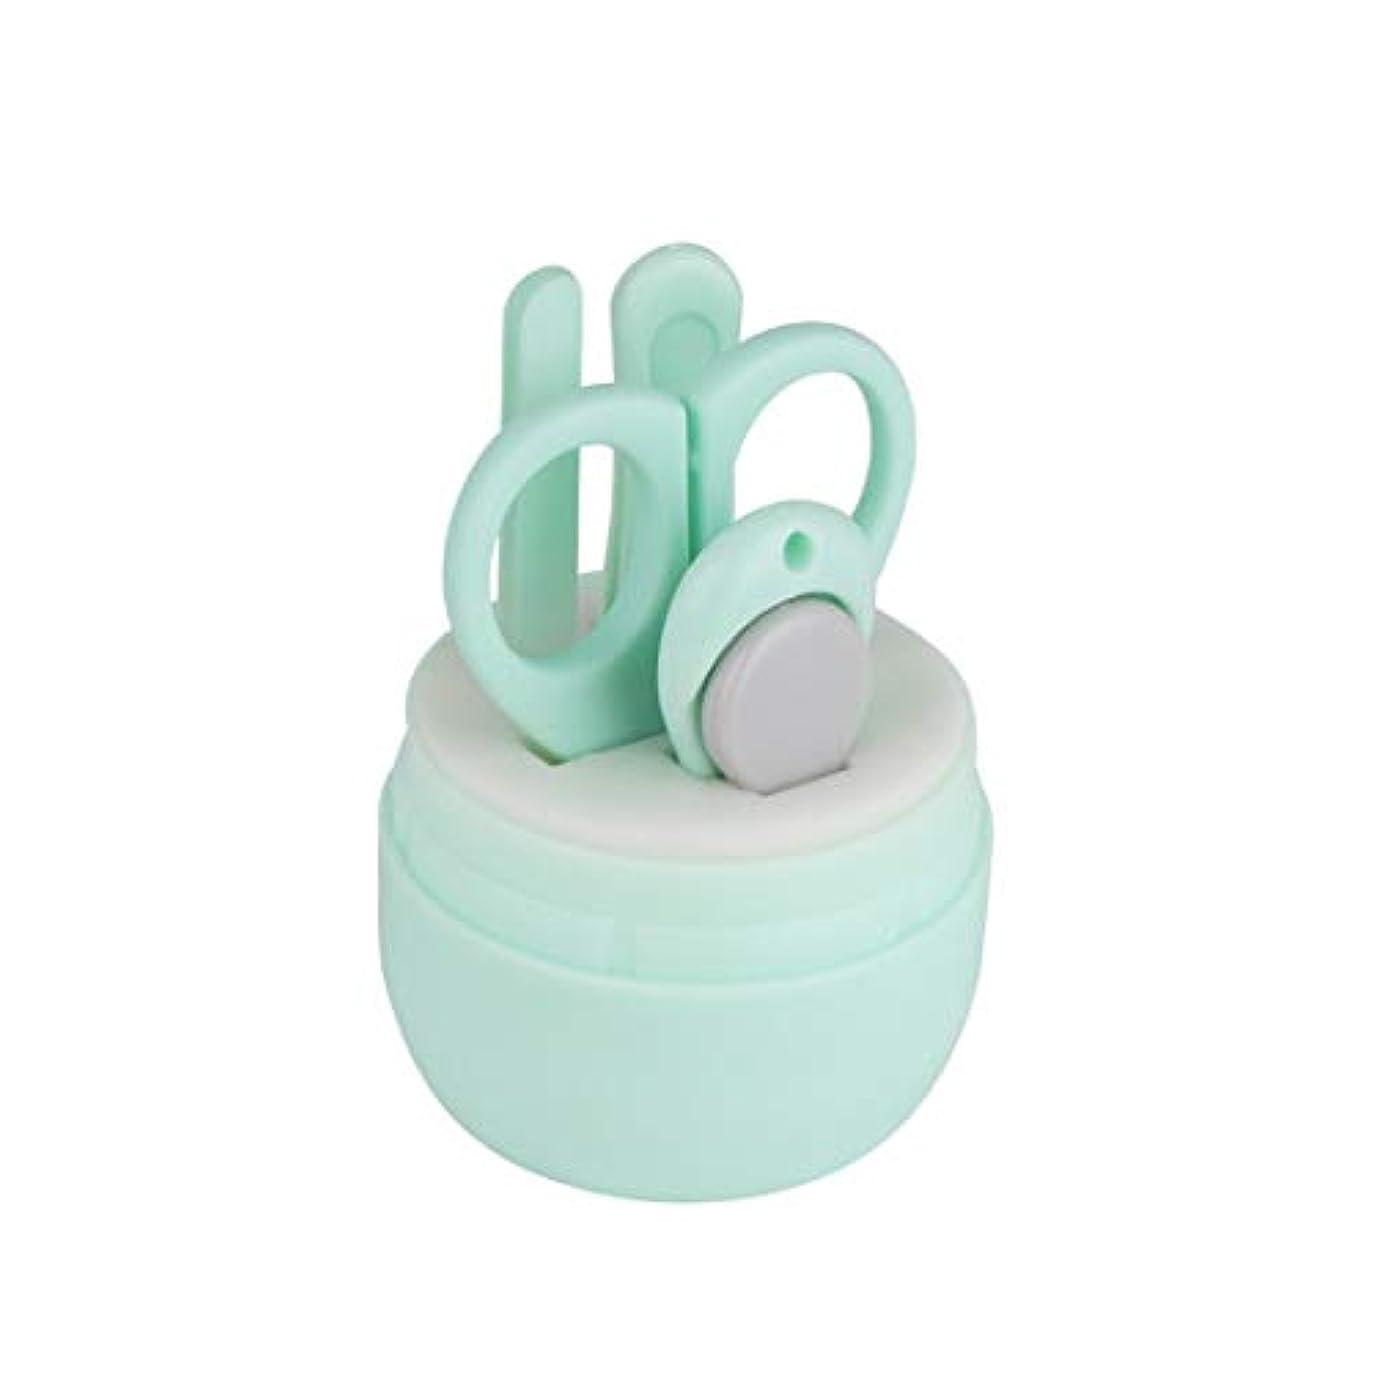 無秩序ライオネルグリーンストリートスケートKerwinner 漫画くまの爪切りステンレス鋼の赤ん坊の釘用具セット赤ん坊の美用具セット4赤ん坊のマニキュア用具、各パックのための1 (Color : Green)